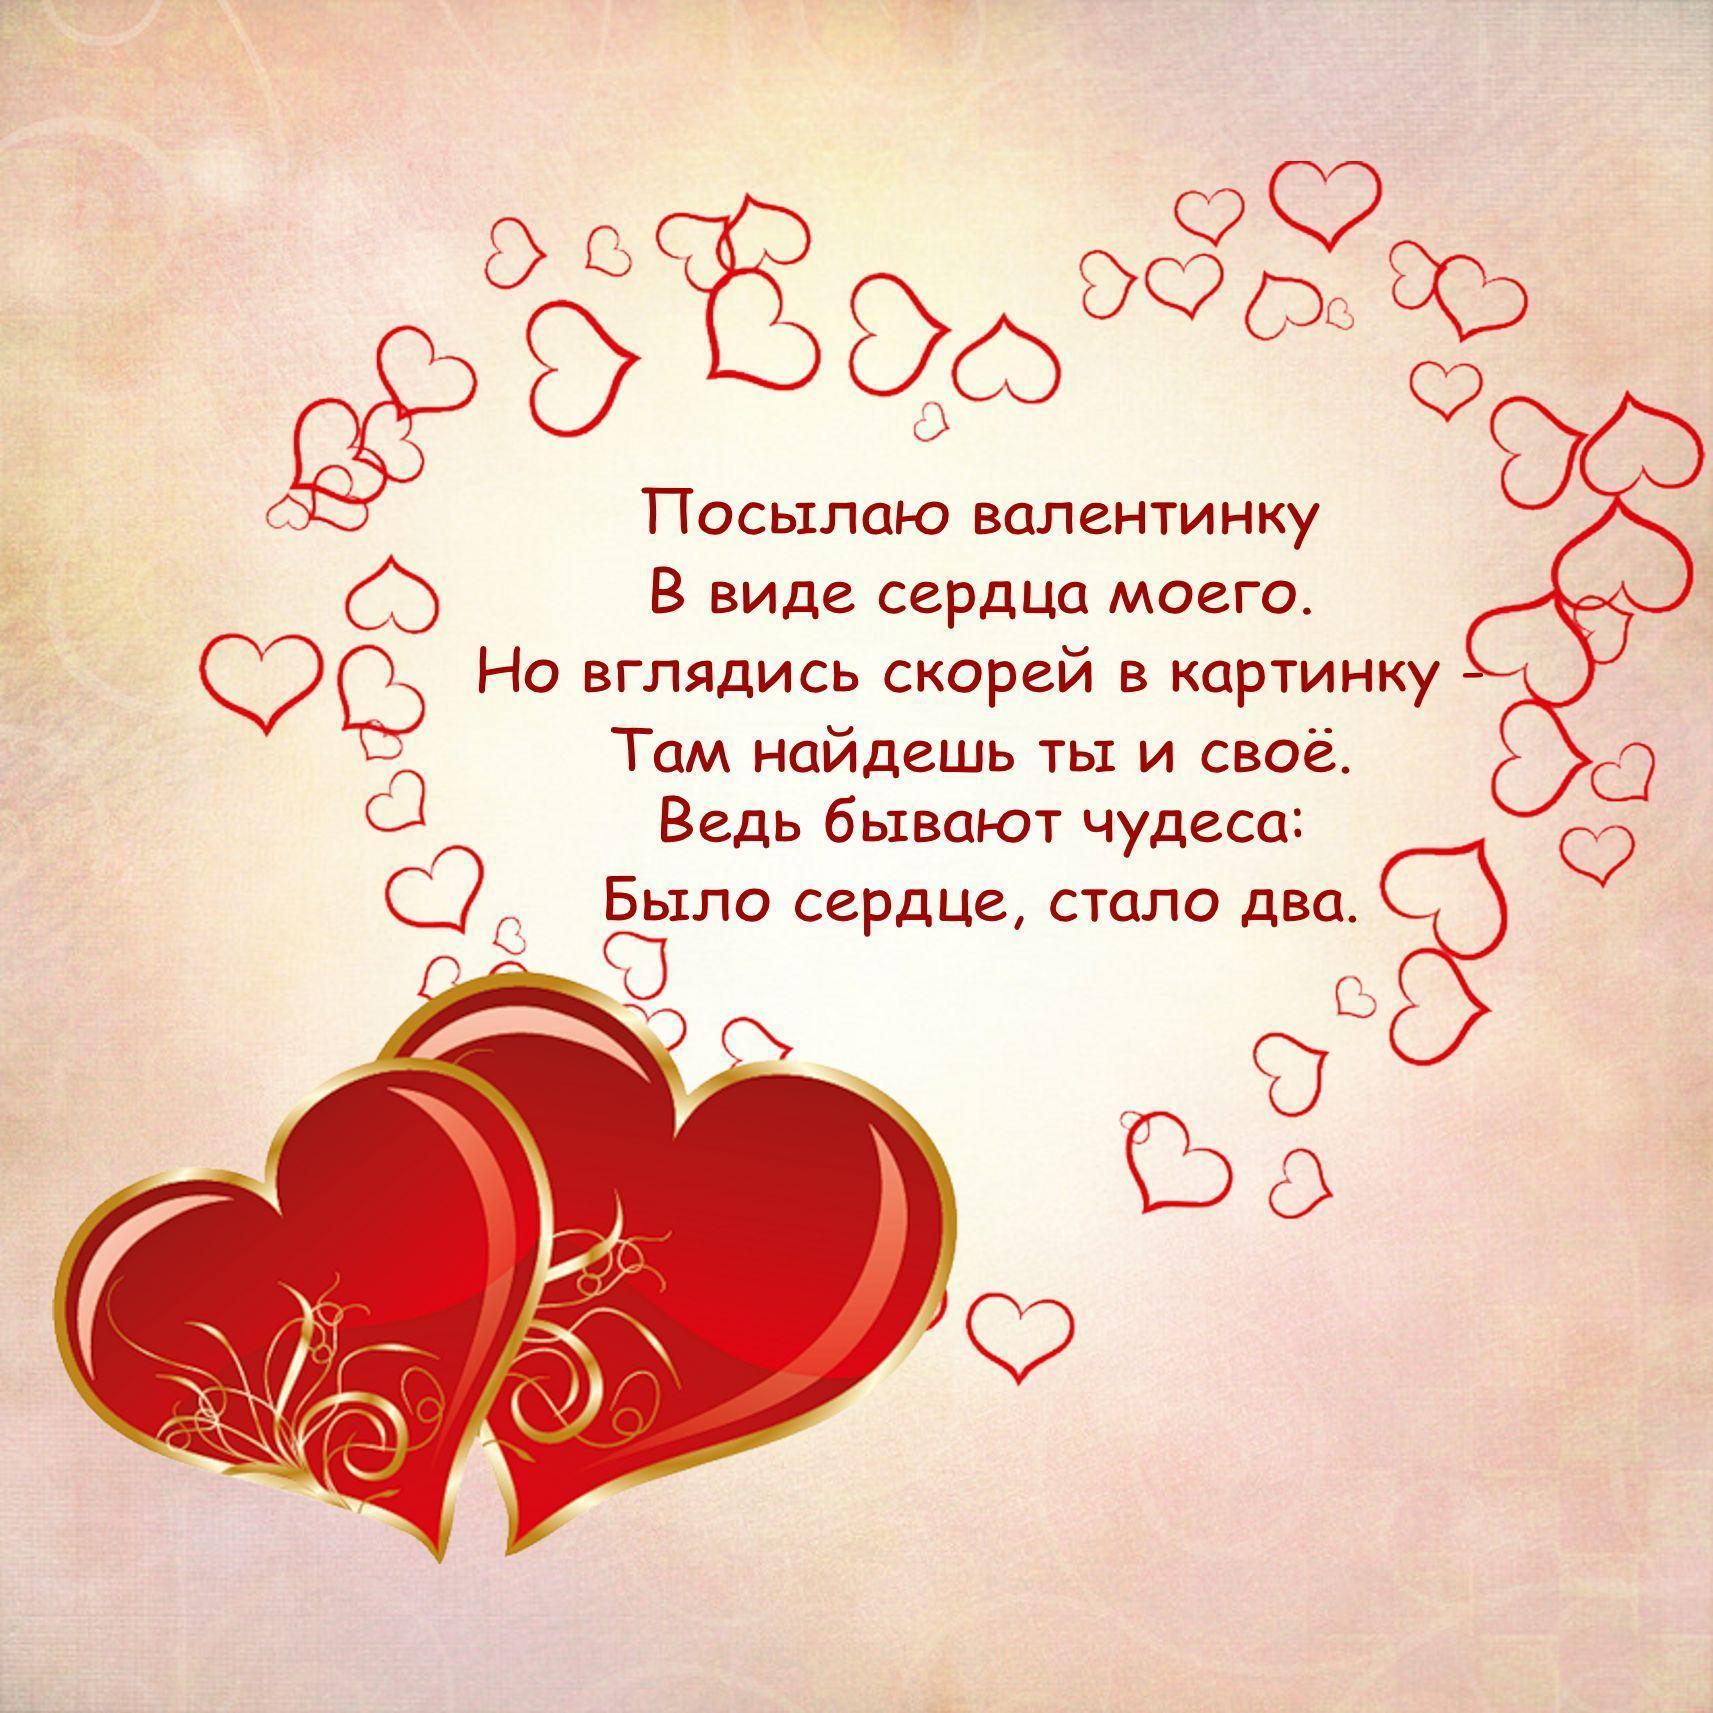 Красивые поздравления с днем святого валентина для любимой